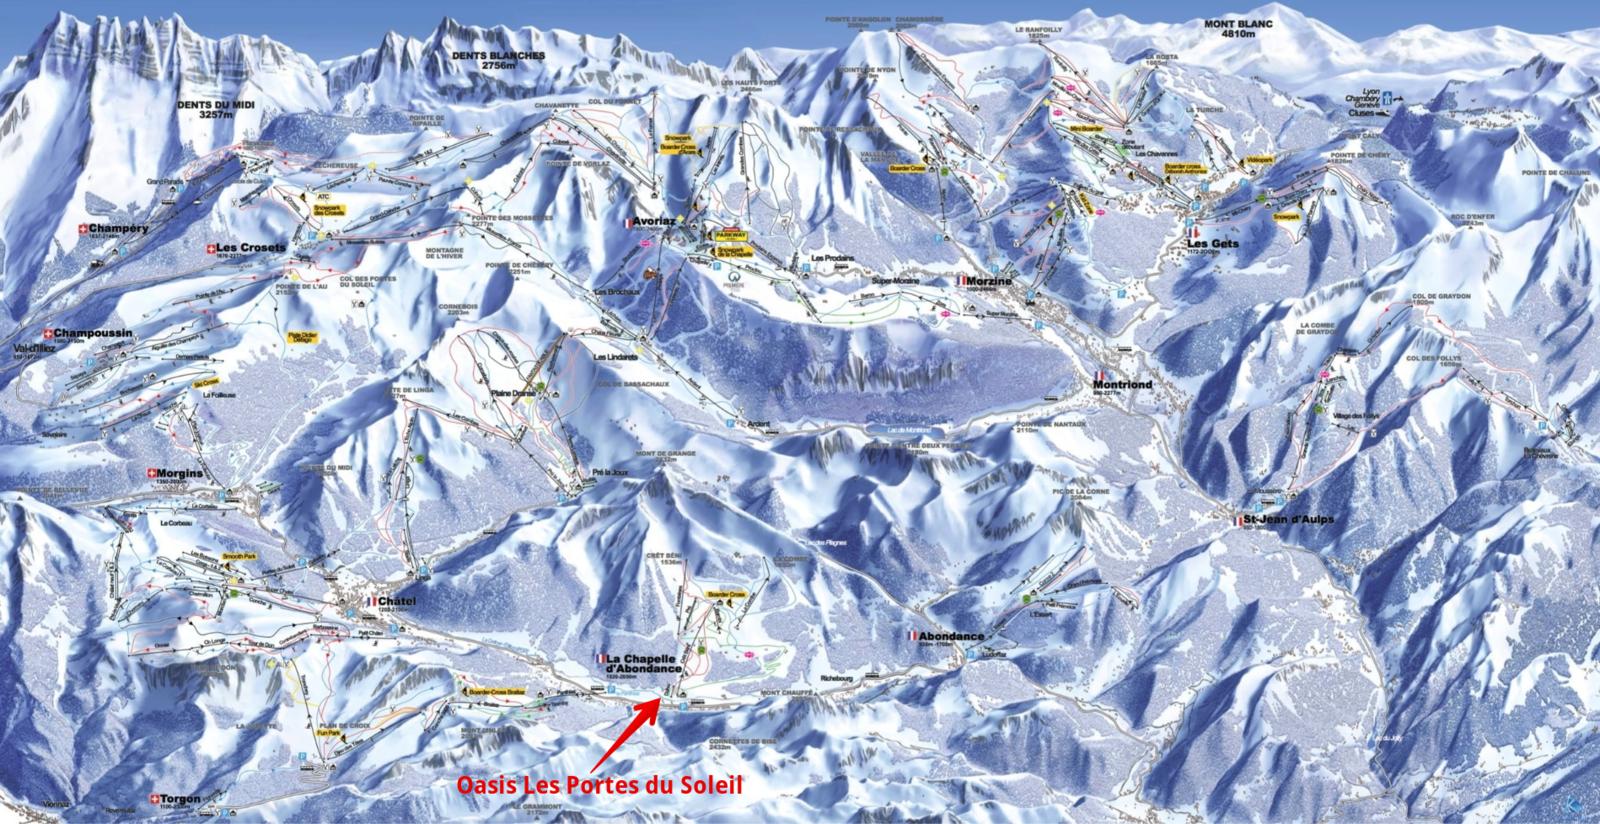 Piste kaart Oasis Les Portes du Soleil